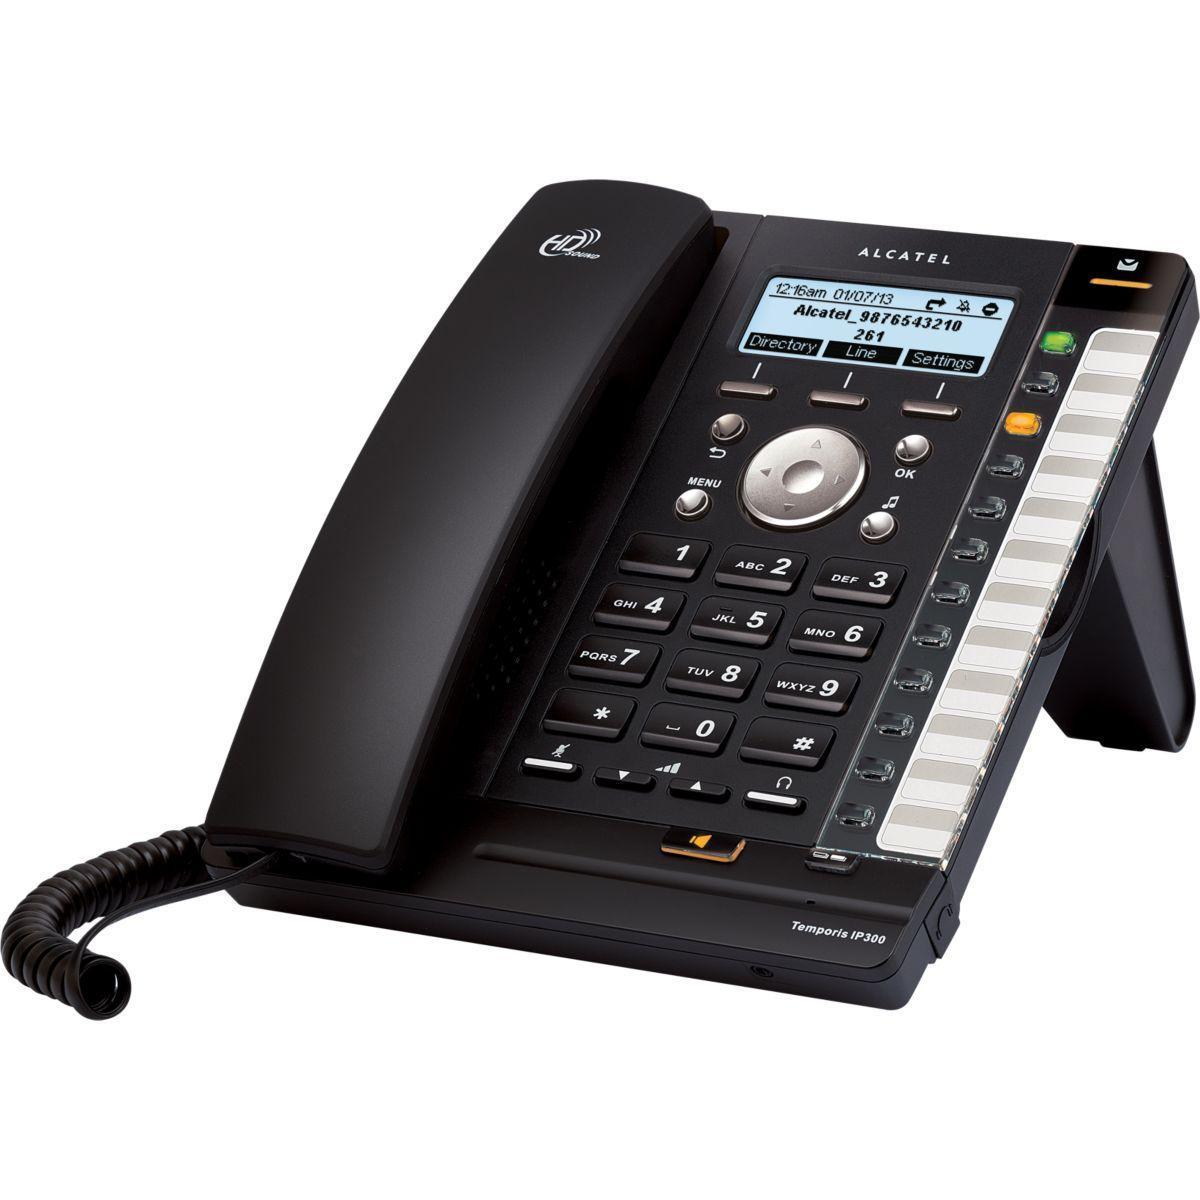 T�l�phone ip alcatel temporis ip301g - 5% de remise imm�diate avec le code : automne5 (photo)